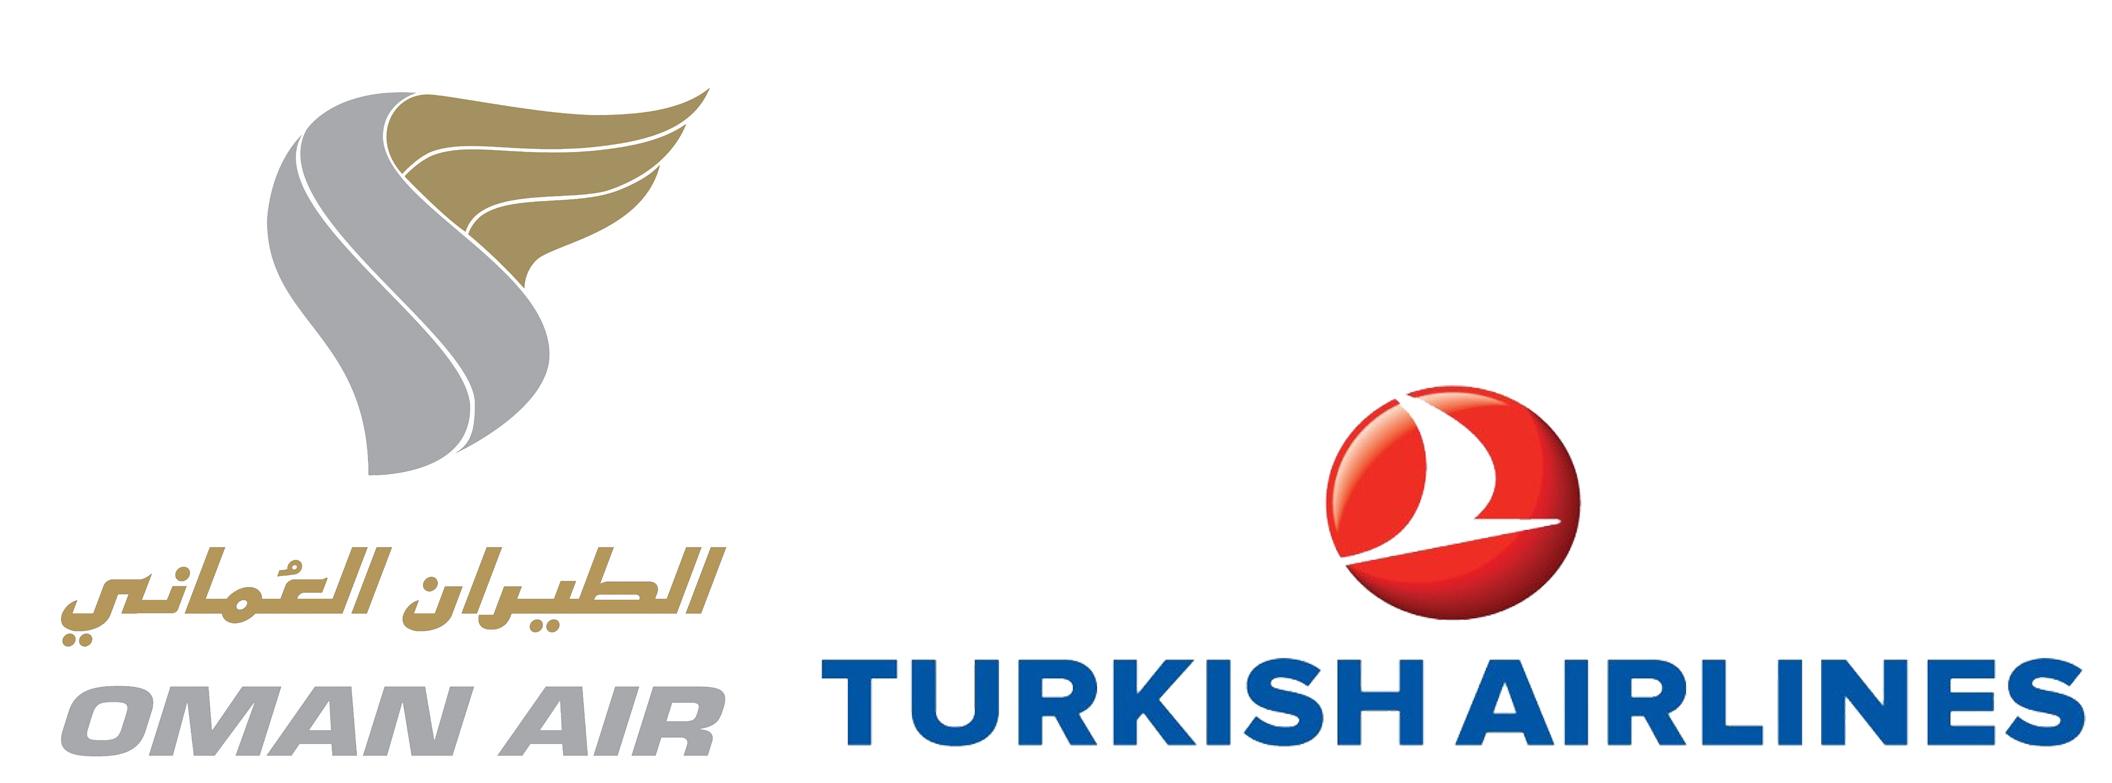 الطيران العُماني تجدد اتفاقية المشاركة بالرمز مع الخطوط الجوية التركية